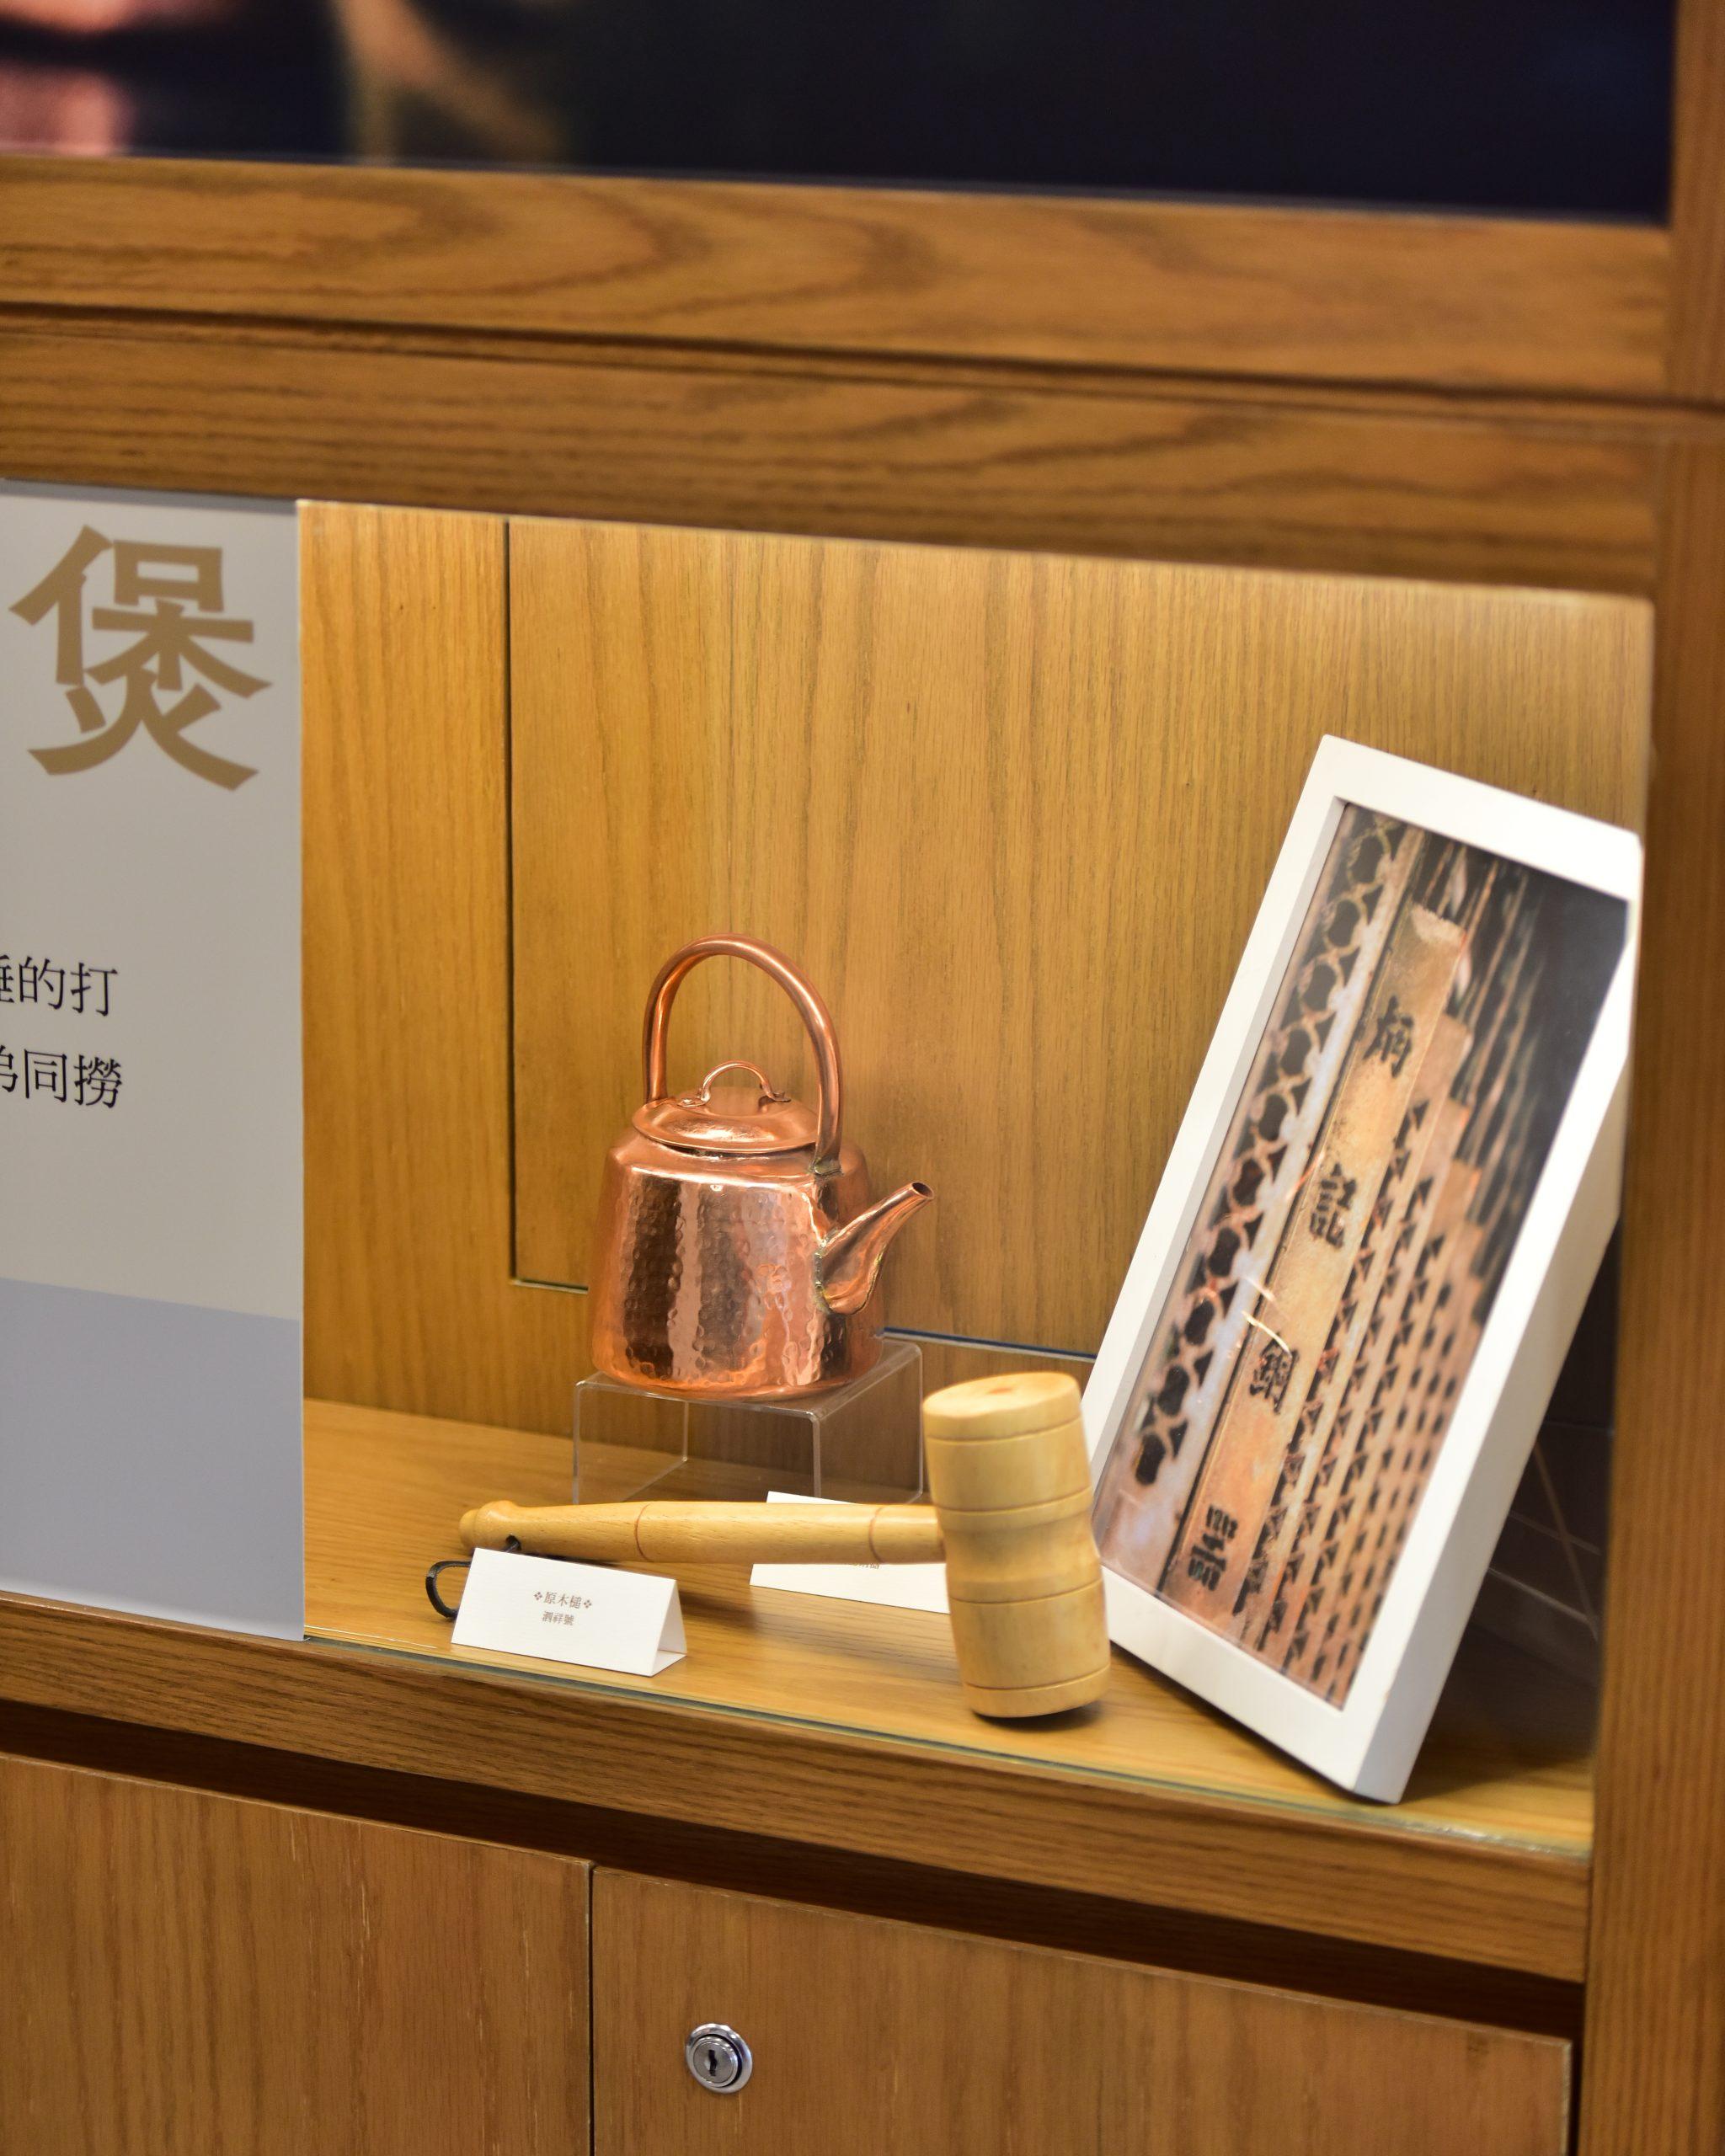 老香港設計展覽 香港遺美 阿銀冰室 歷史 老店 泗祥號 炳記銅器